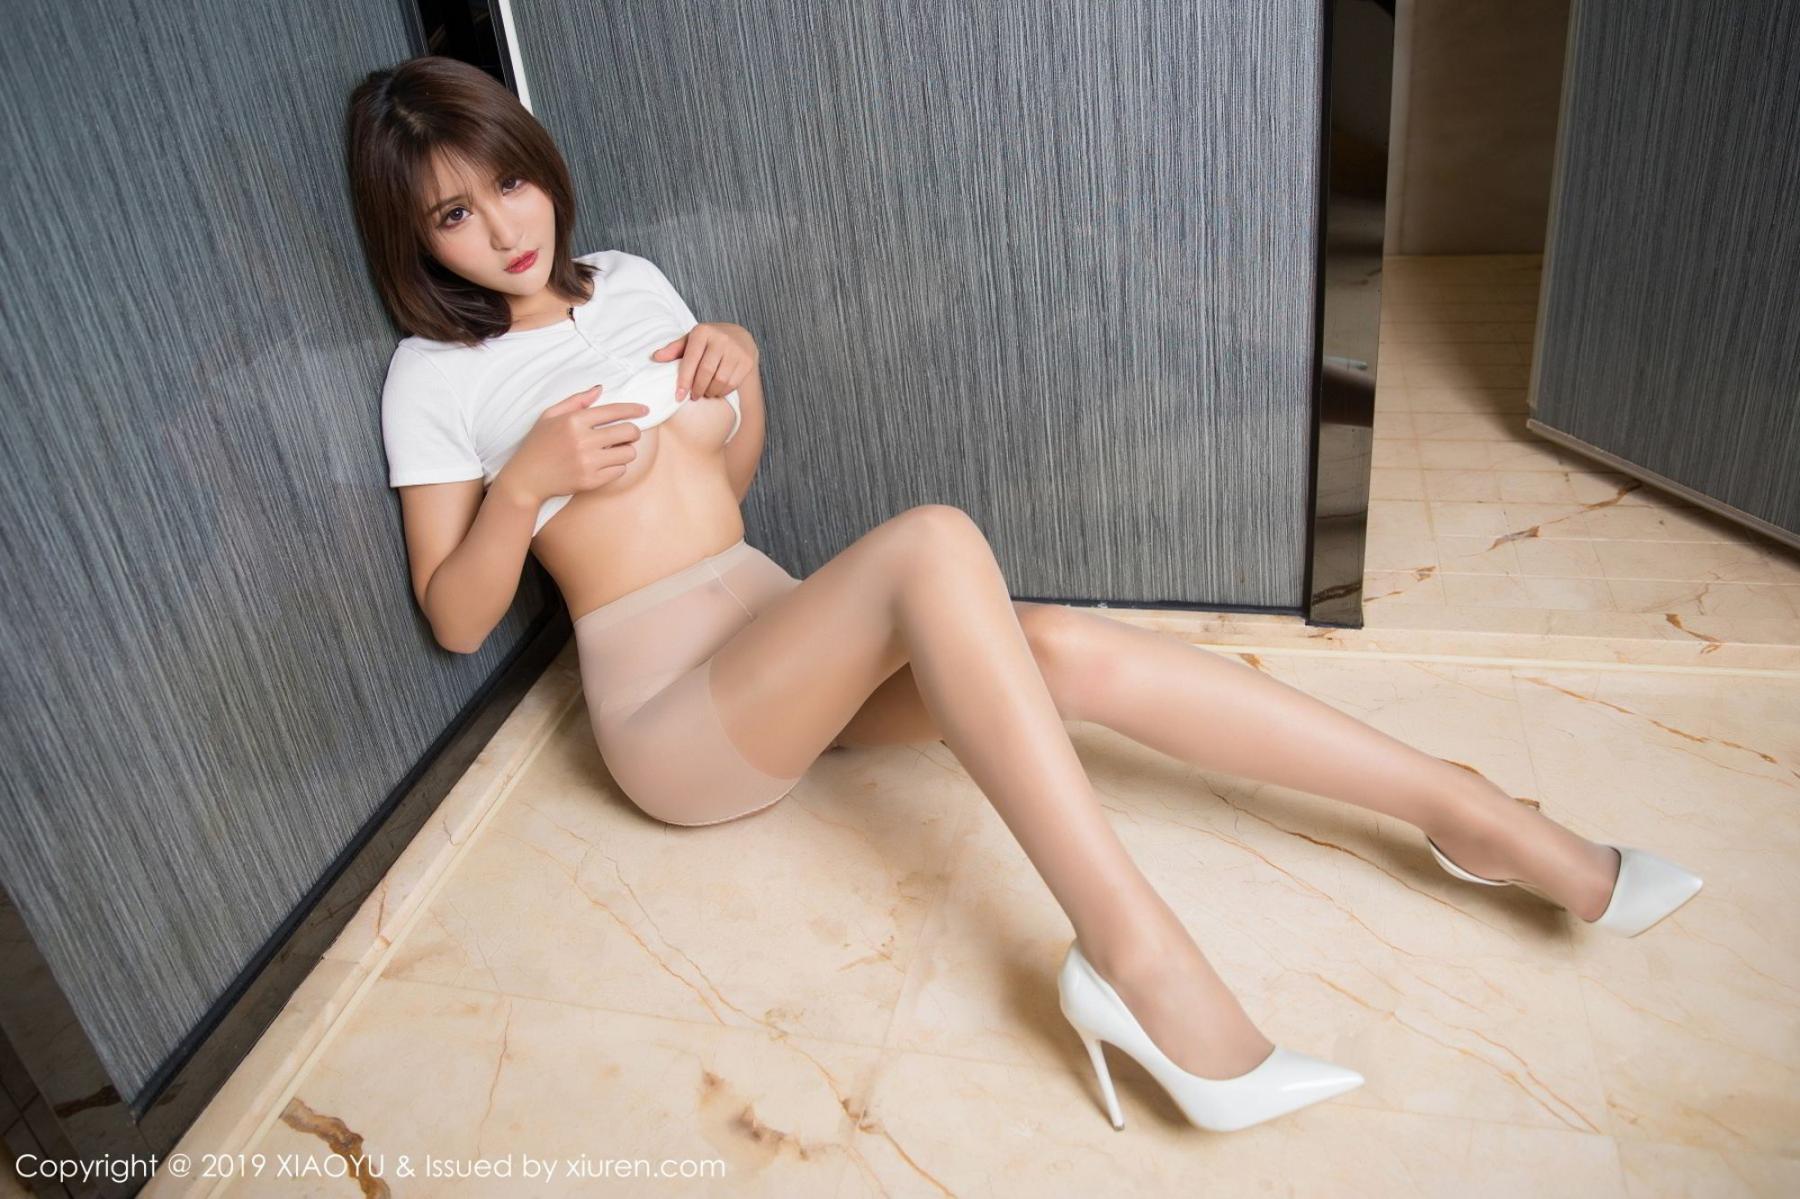 [XiaoYu] Vol.112 Solo Yi Fei 20P, Solo Yi Fei, Underwear, XiaoYu